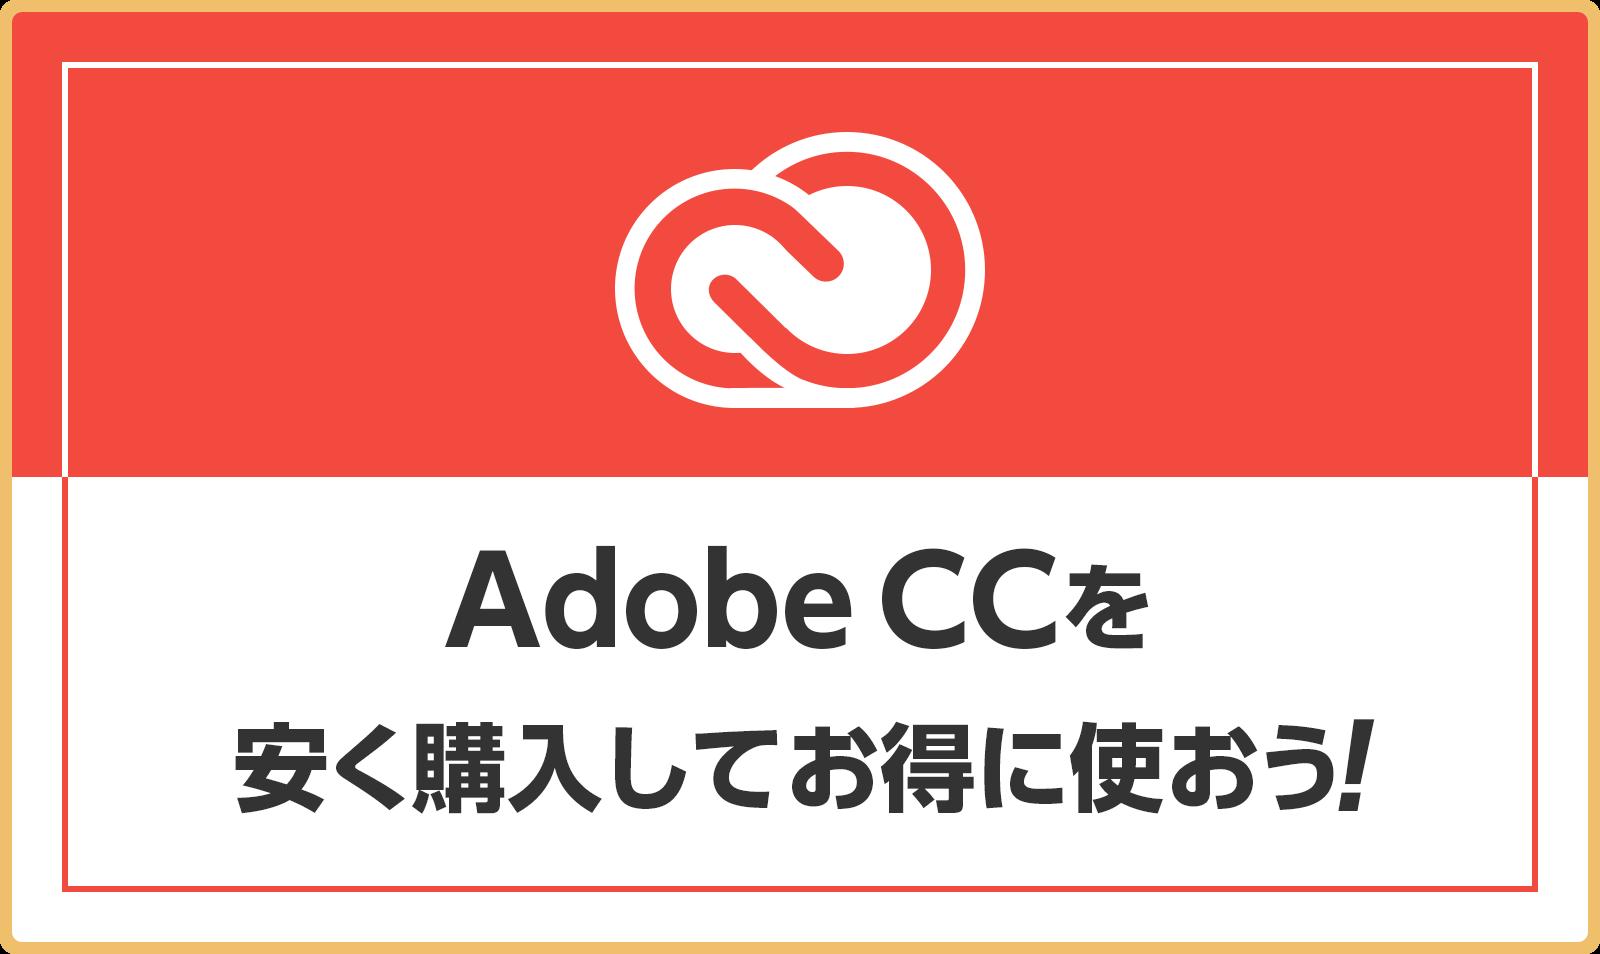 Adobe CCを安く購入してお得に使おう!